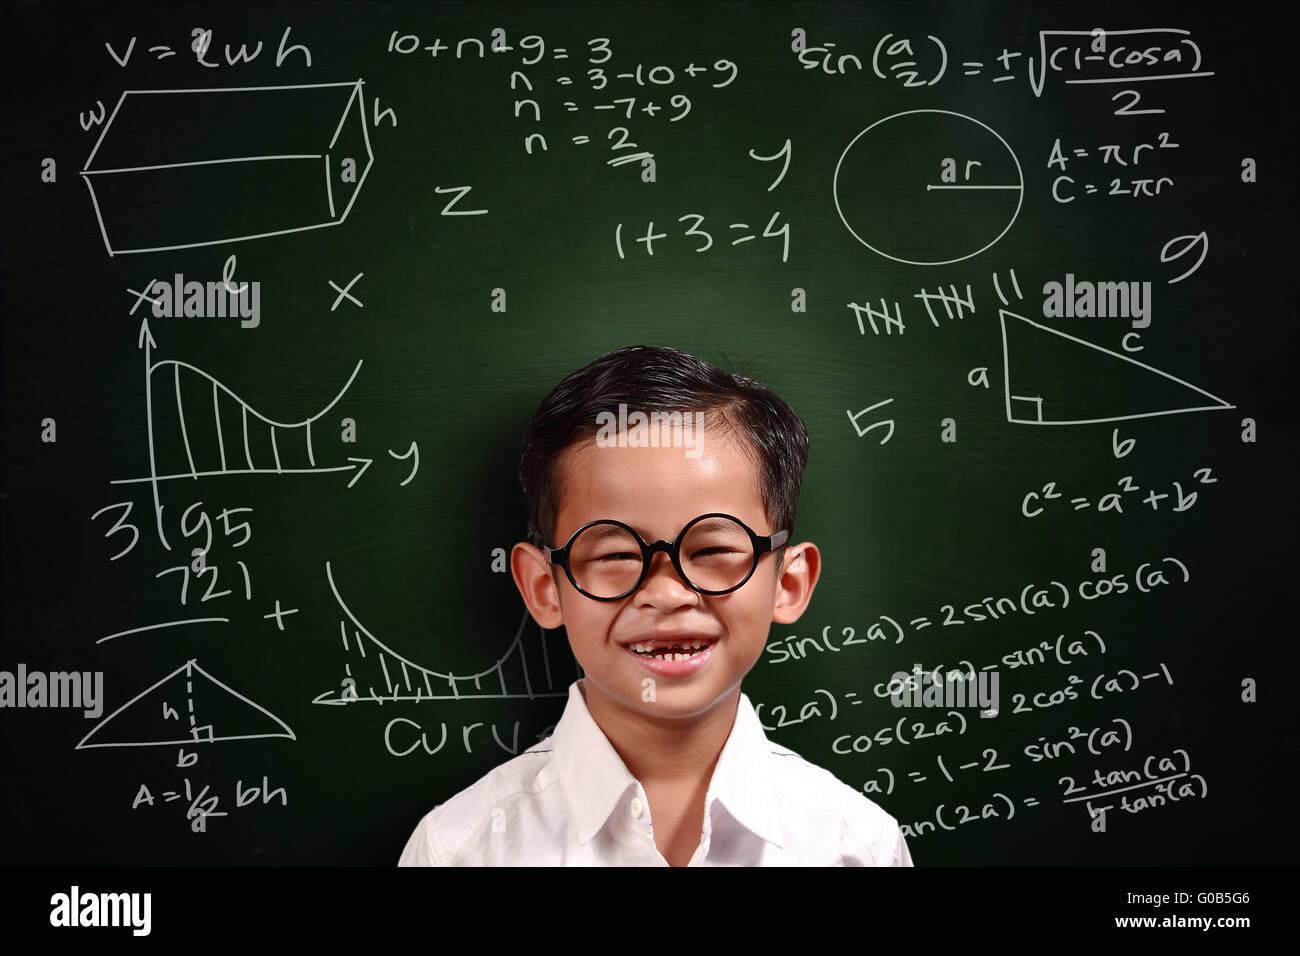 Little Genius studente asiatico ragazzo con gli occhiali sorridente su lavagna verde con math equivalenti scritto Immagini Stock